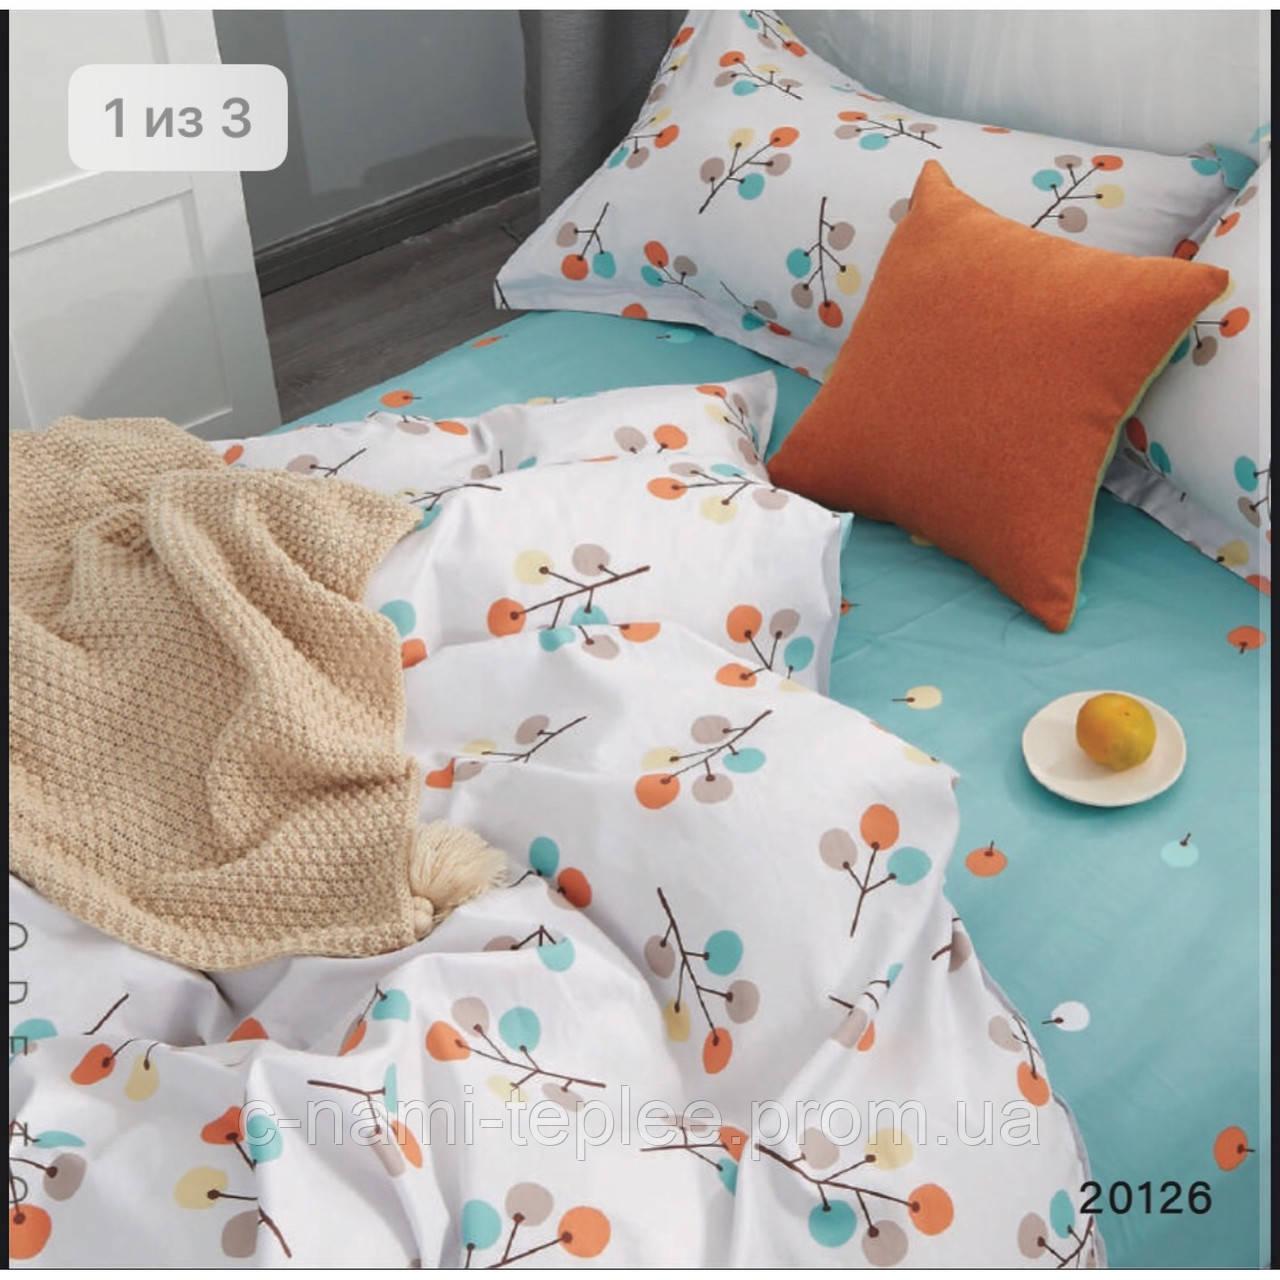 Постельное белье ранфорс Viluta (20126) двухспальный 220х200 см